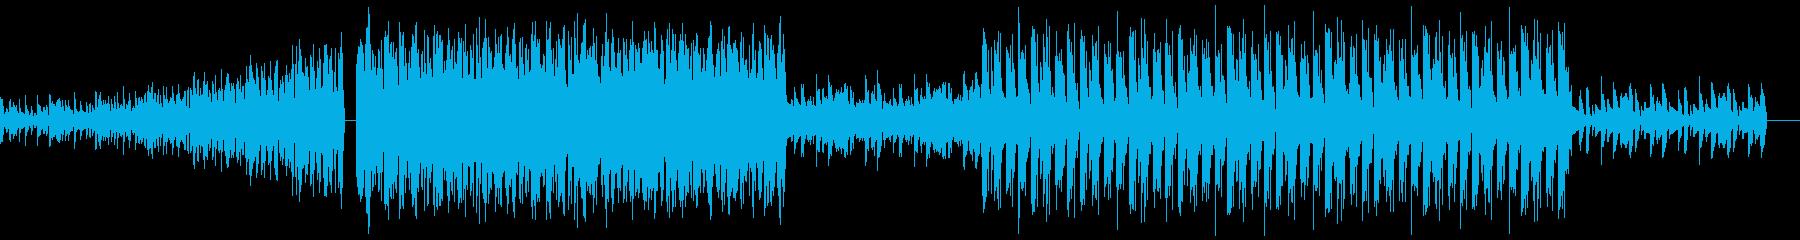 若者が音楽に乗っている様子を表現しましたの再生済みの波形